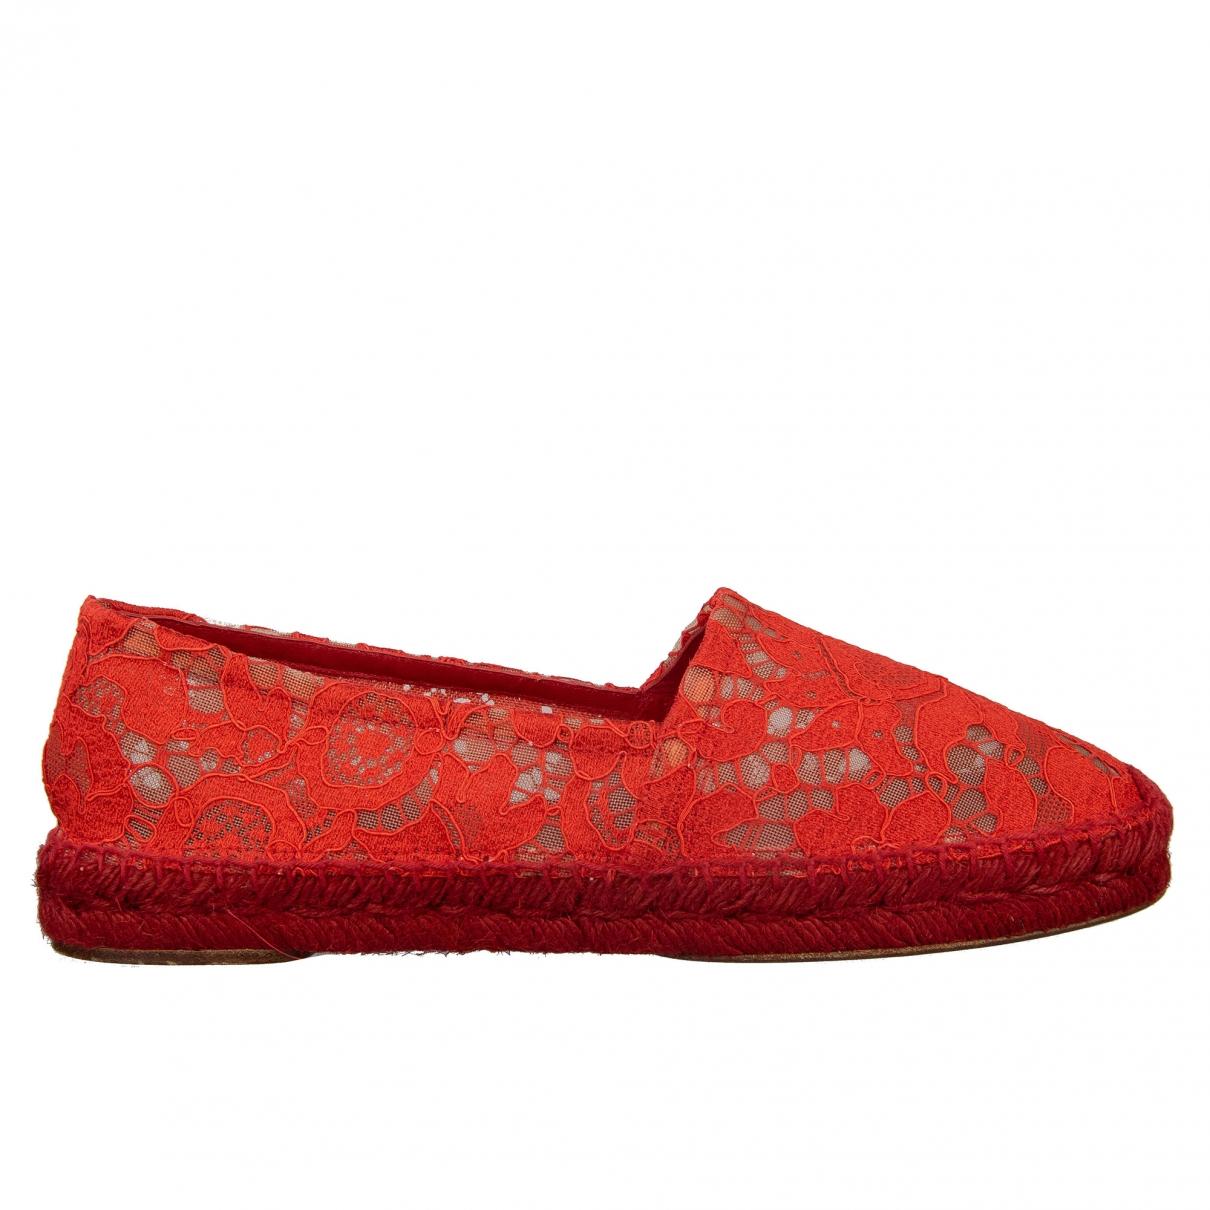 Dolce & Gabbana - Espadrilles   pour femme en toile - rouge